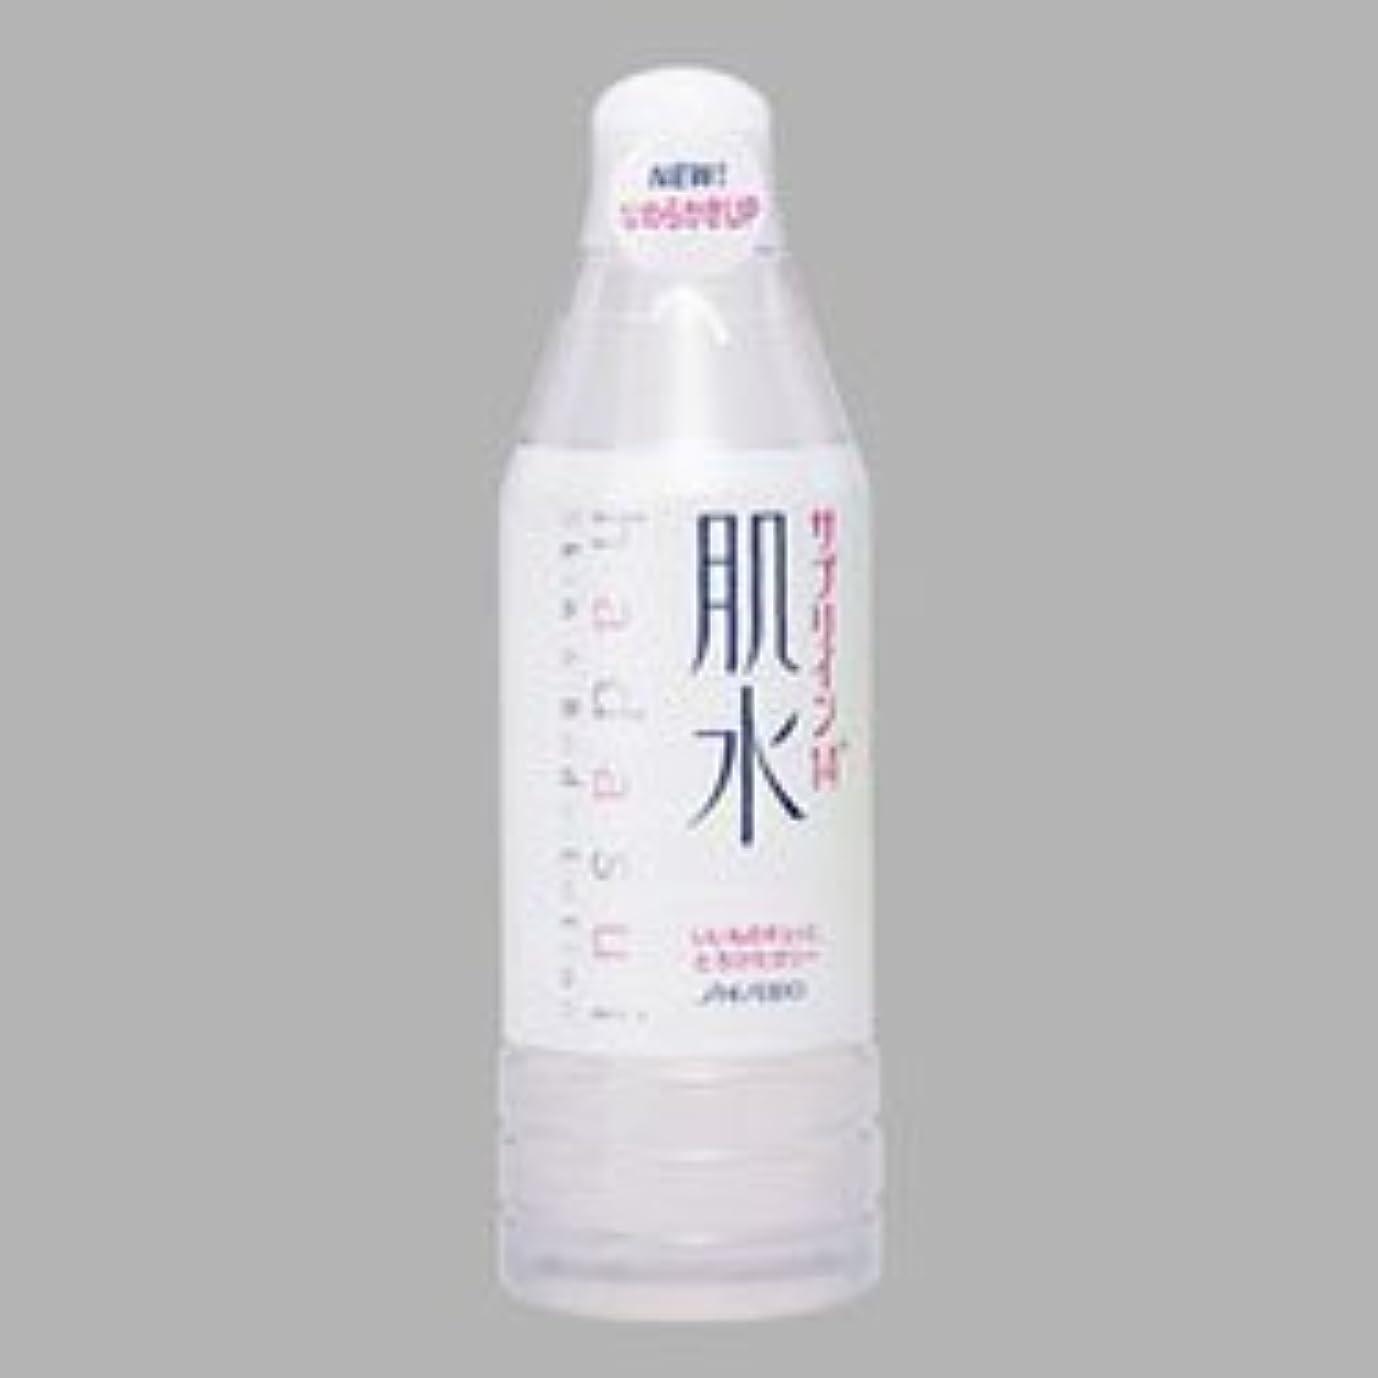 知性アベニュー死んでいる【エフティ資生堂】肌水サプリイン14+ (ボトル) 400ml☆☆ ×3個セット